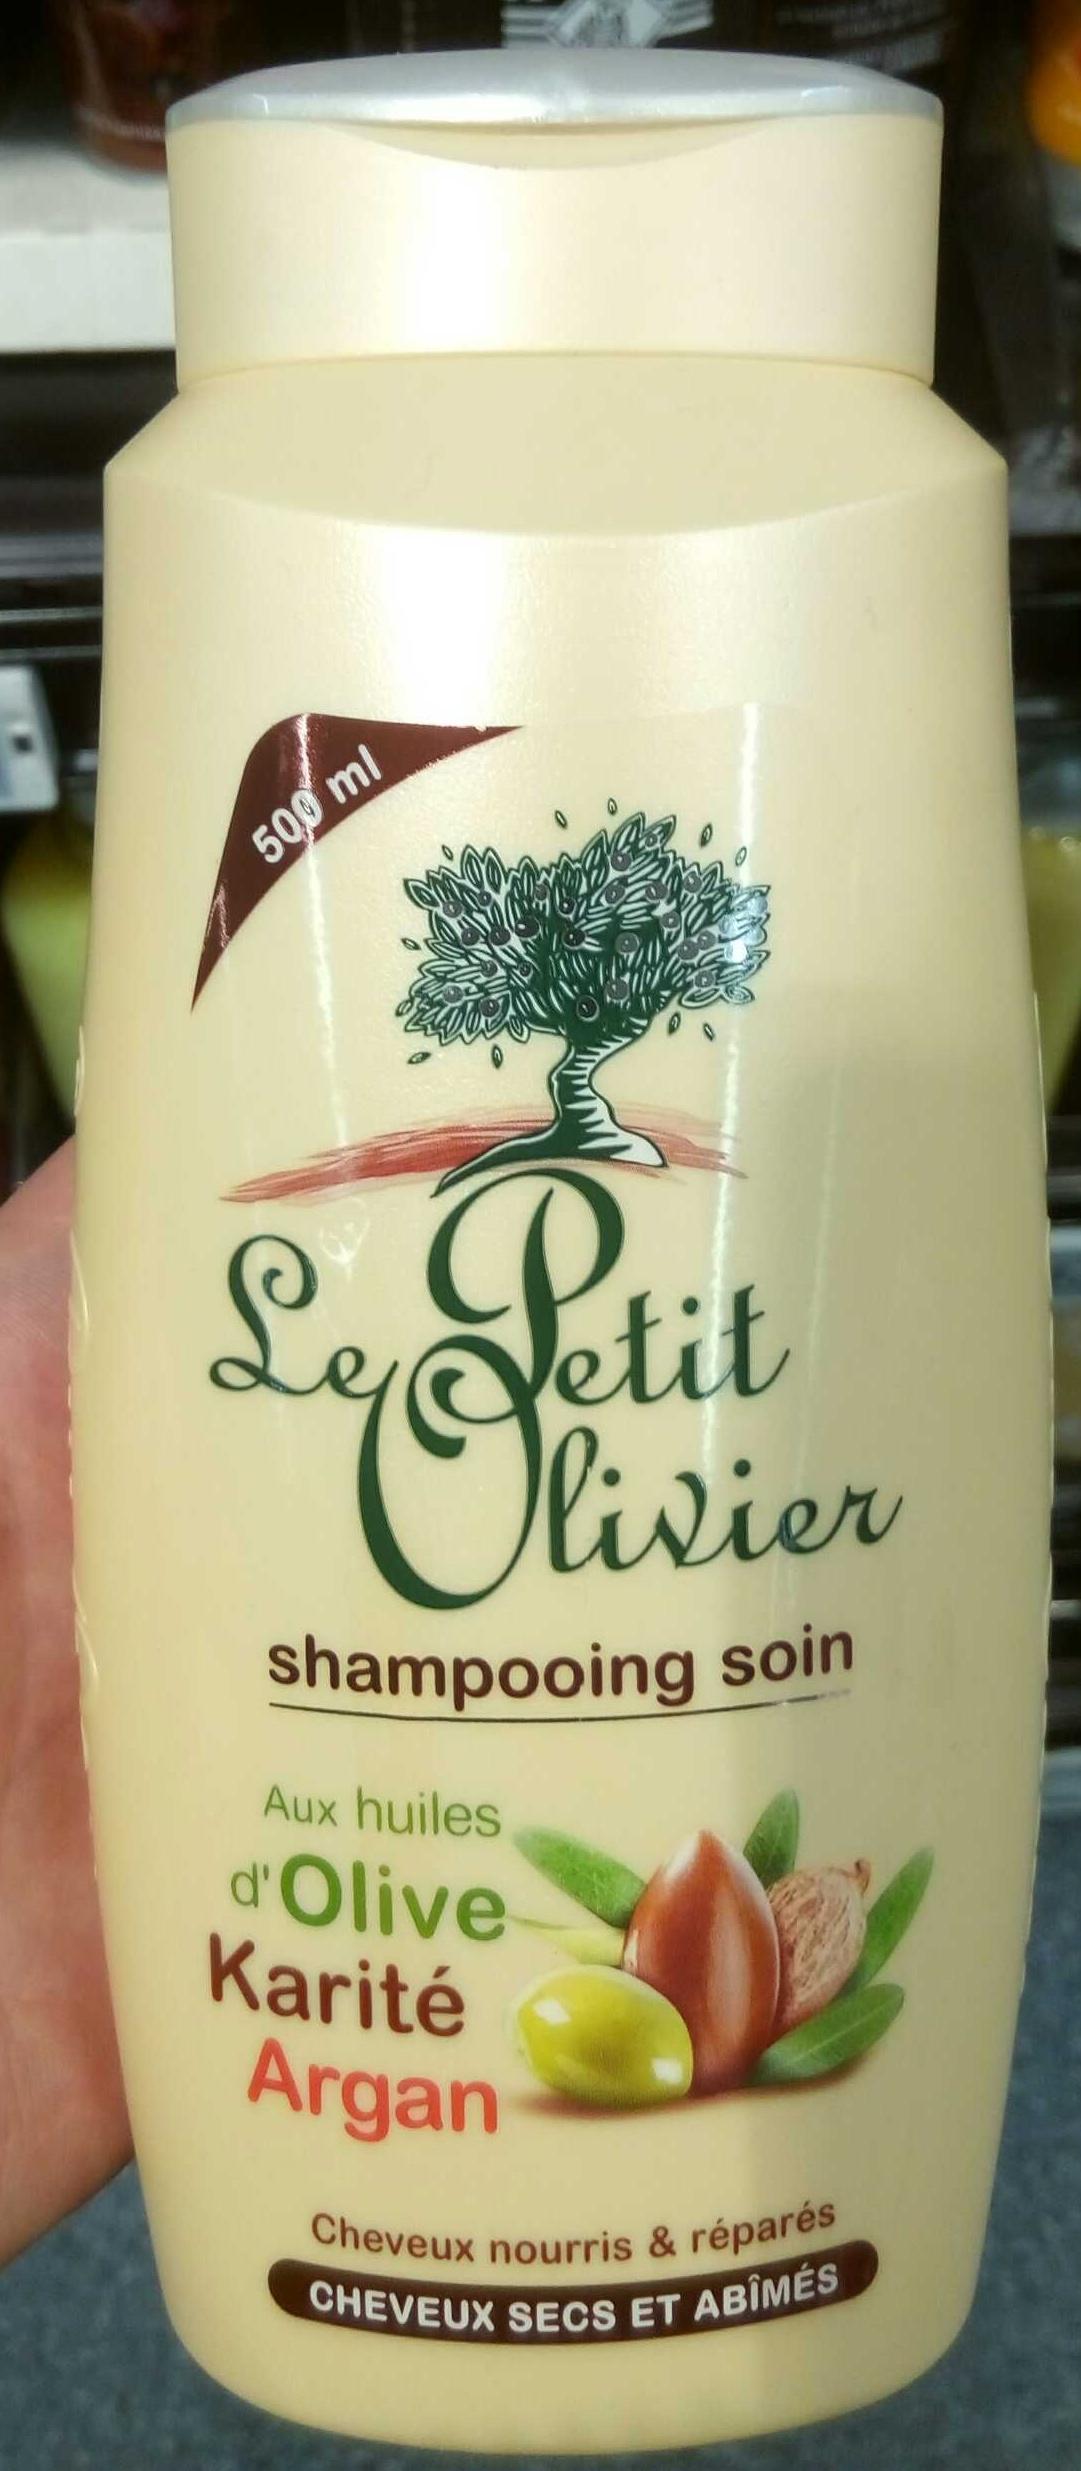 Shampooing soin aux huiles d'Olive Karité Argan - Product